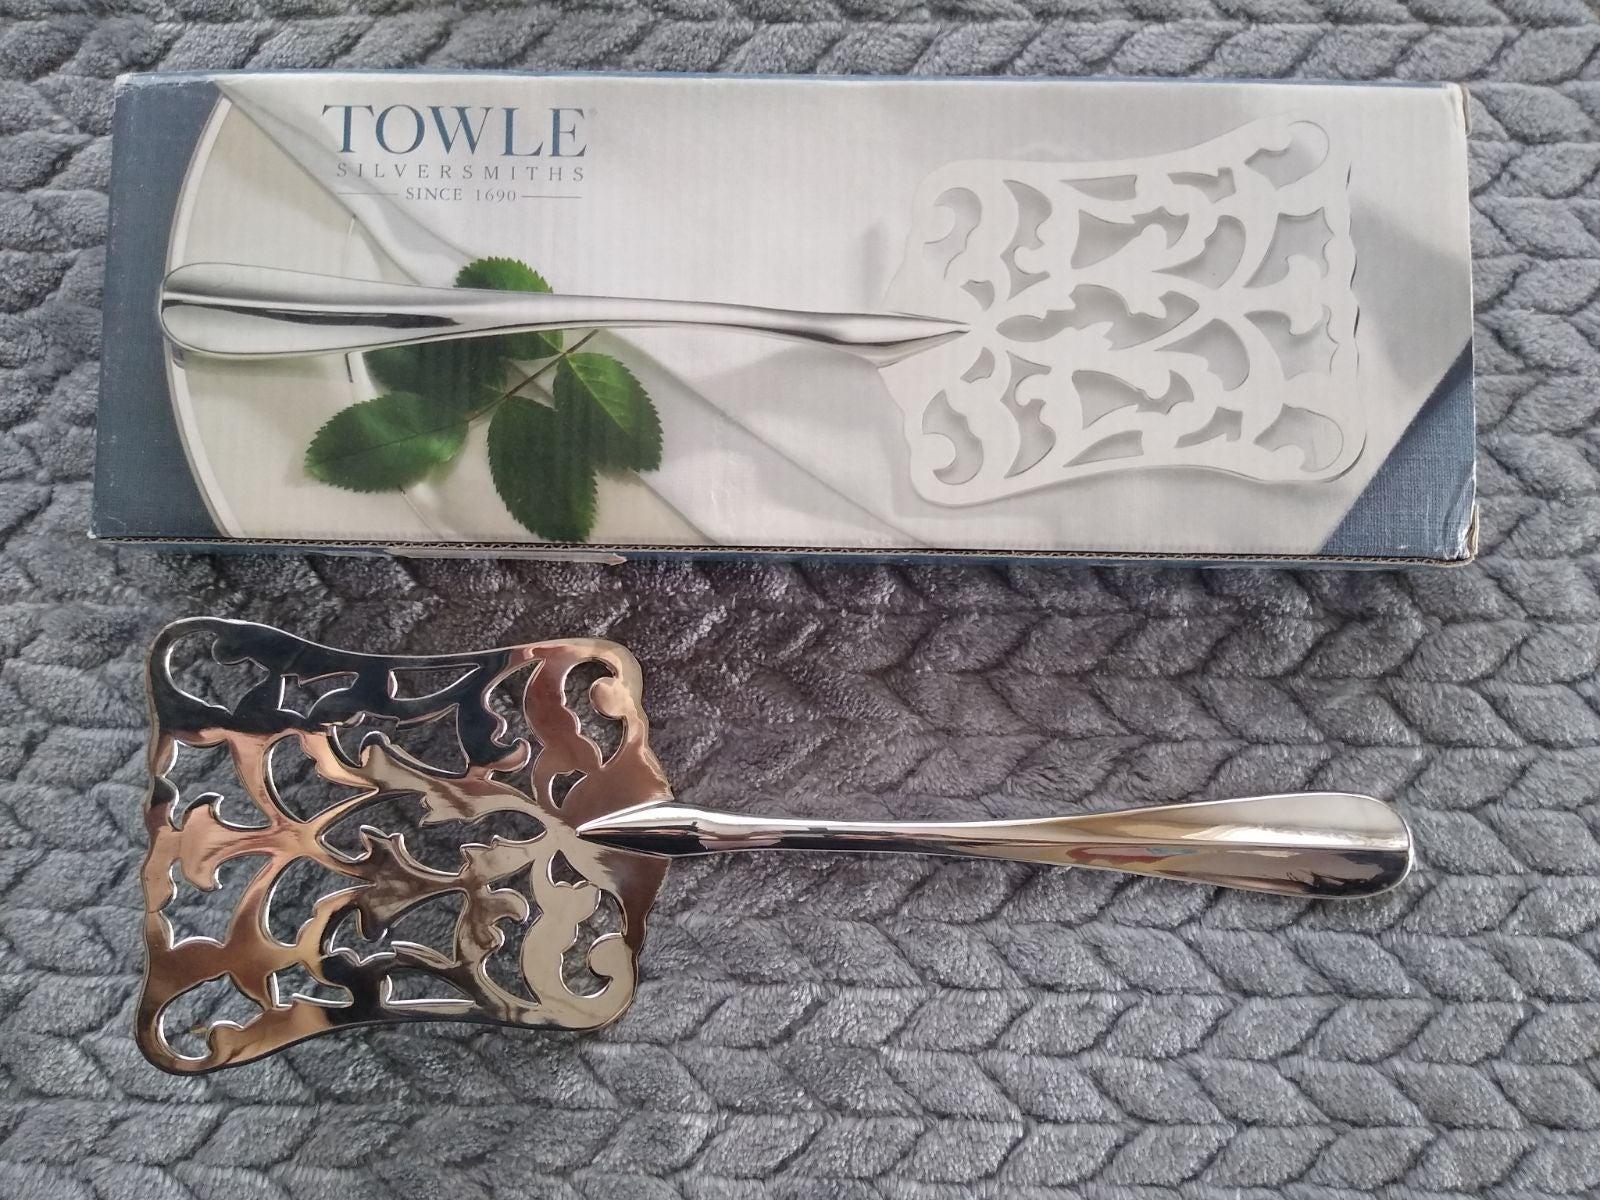 Towle Silver Server